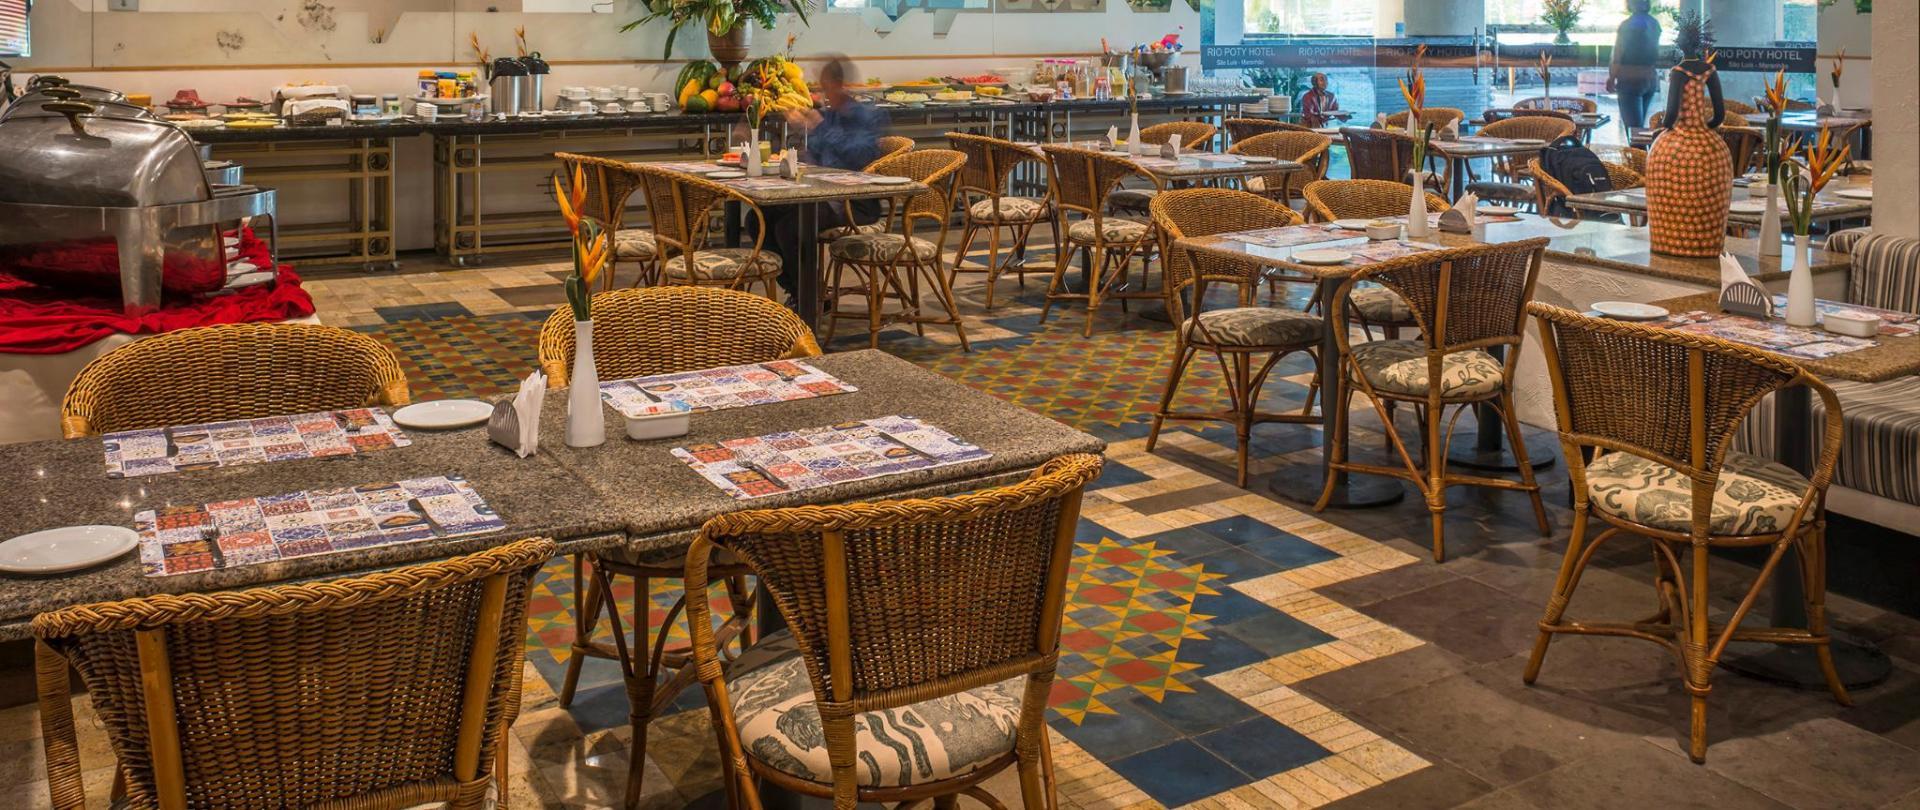 restaurante2_011.jpg